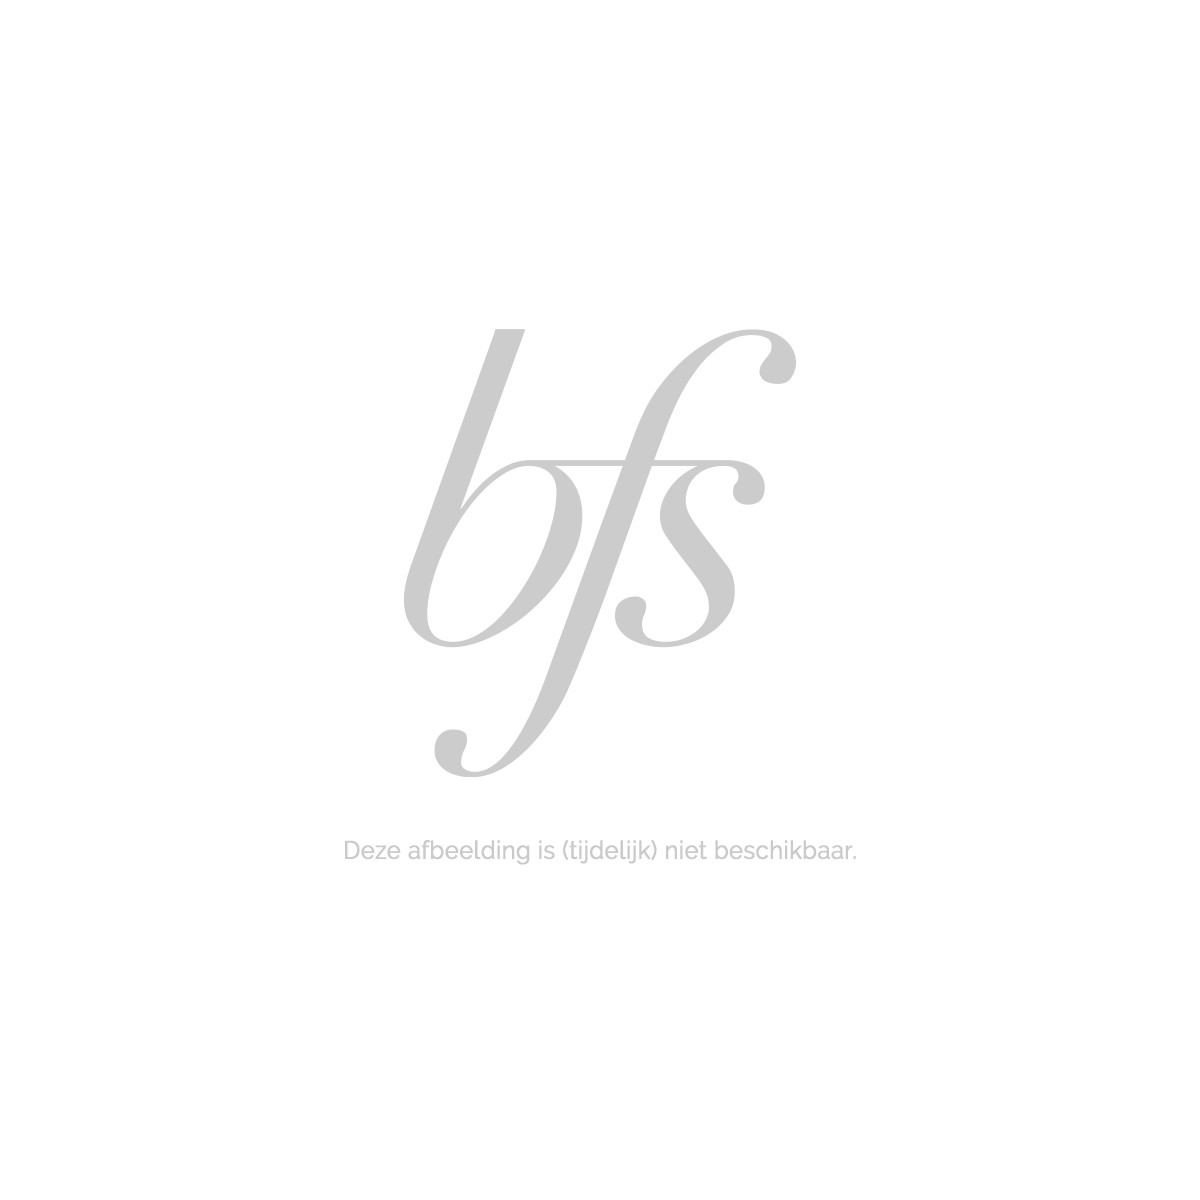 Hildegard Braukmann Derma Membran After Shave Balsam 50Ml